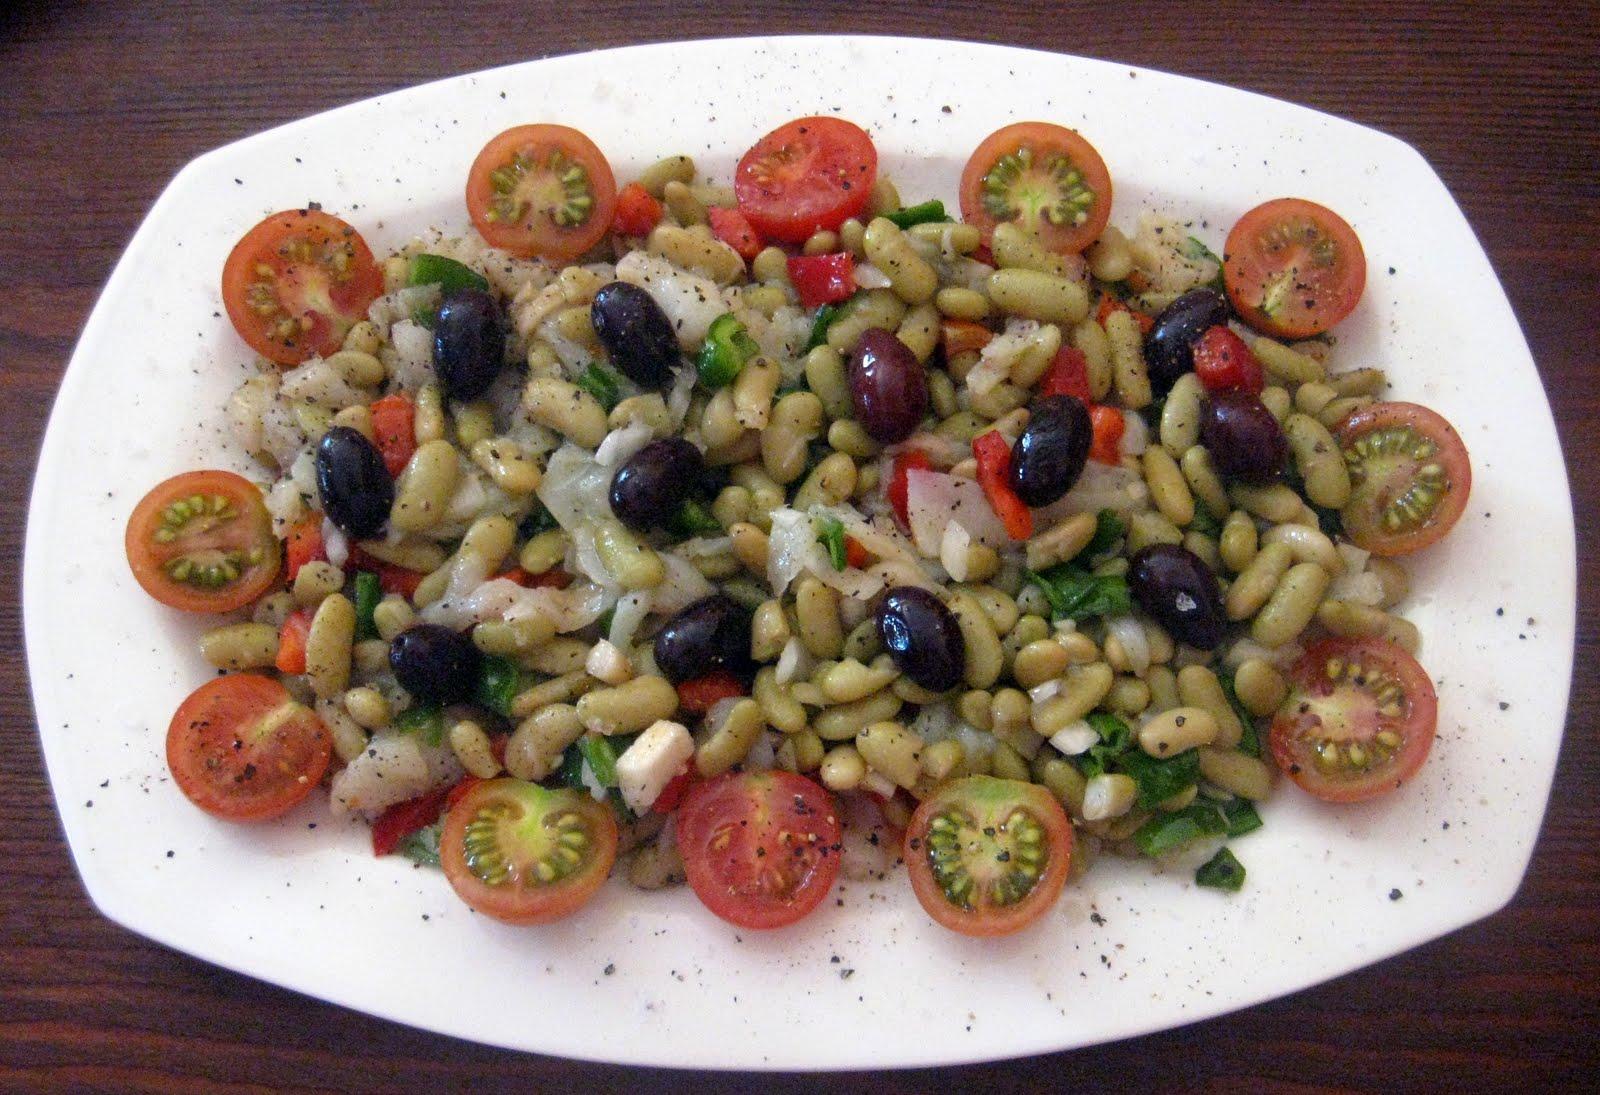 Cocina con quenyin ensalada de alubias verdes verdinas - Ensalada de alubias ...